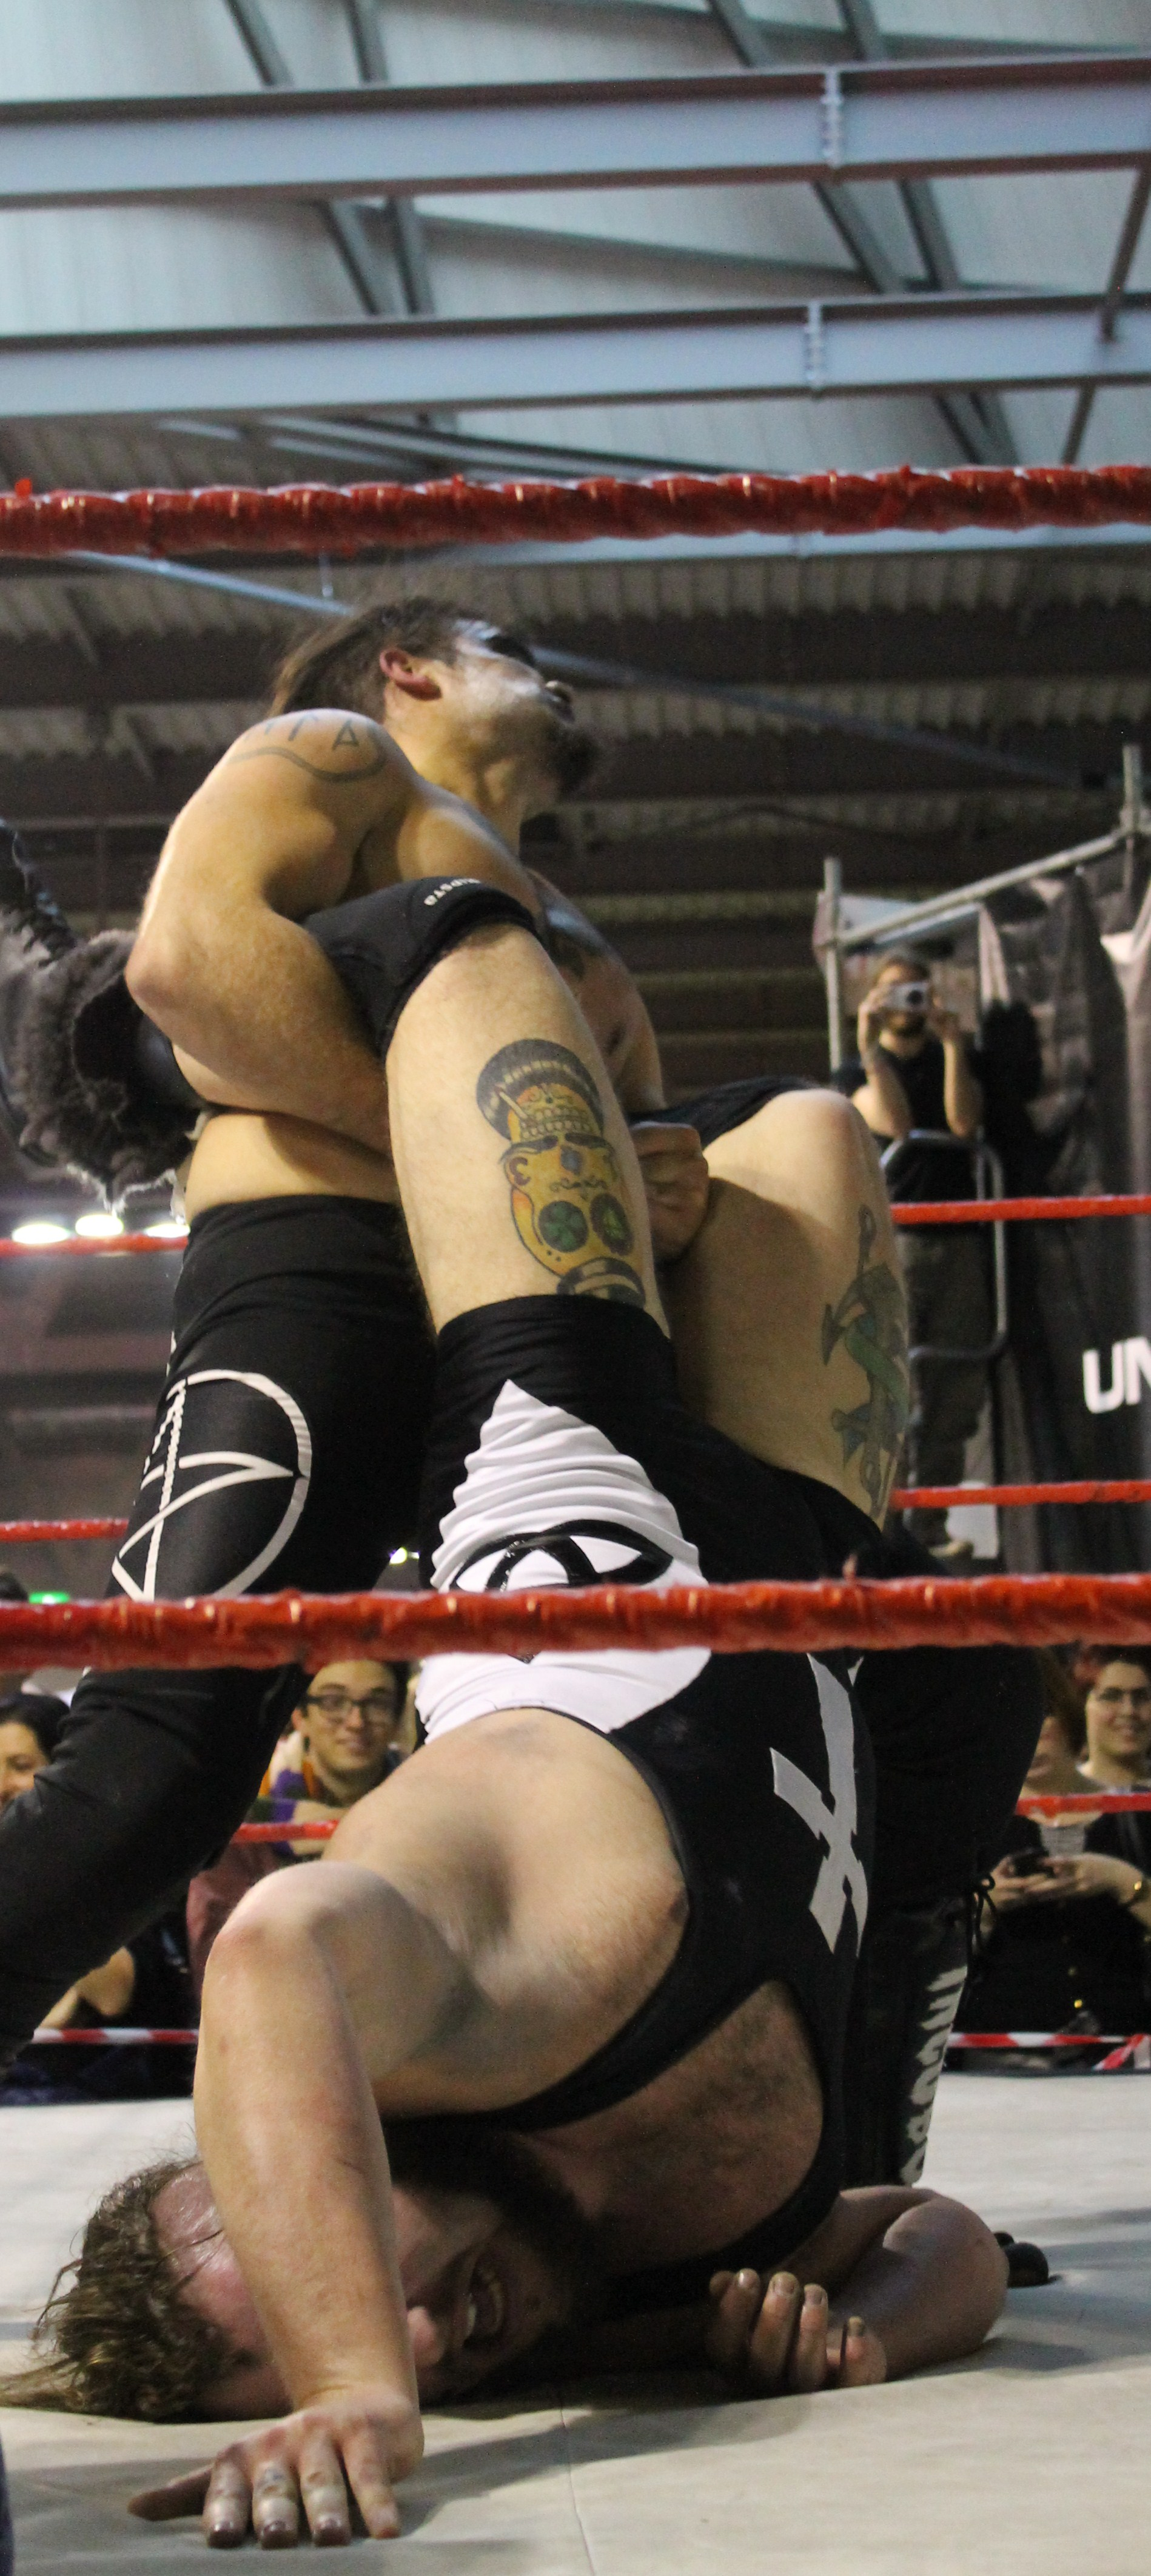 Sfruttando una distrazione dell'arbitro ed un colpo scorretto, Incubo riesce ad aggiudicarsi il suo match